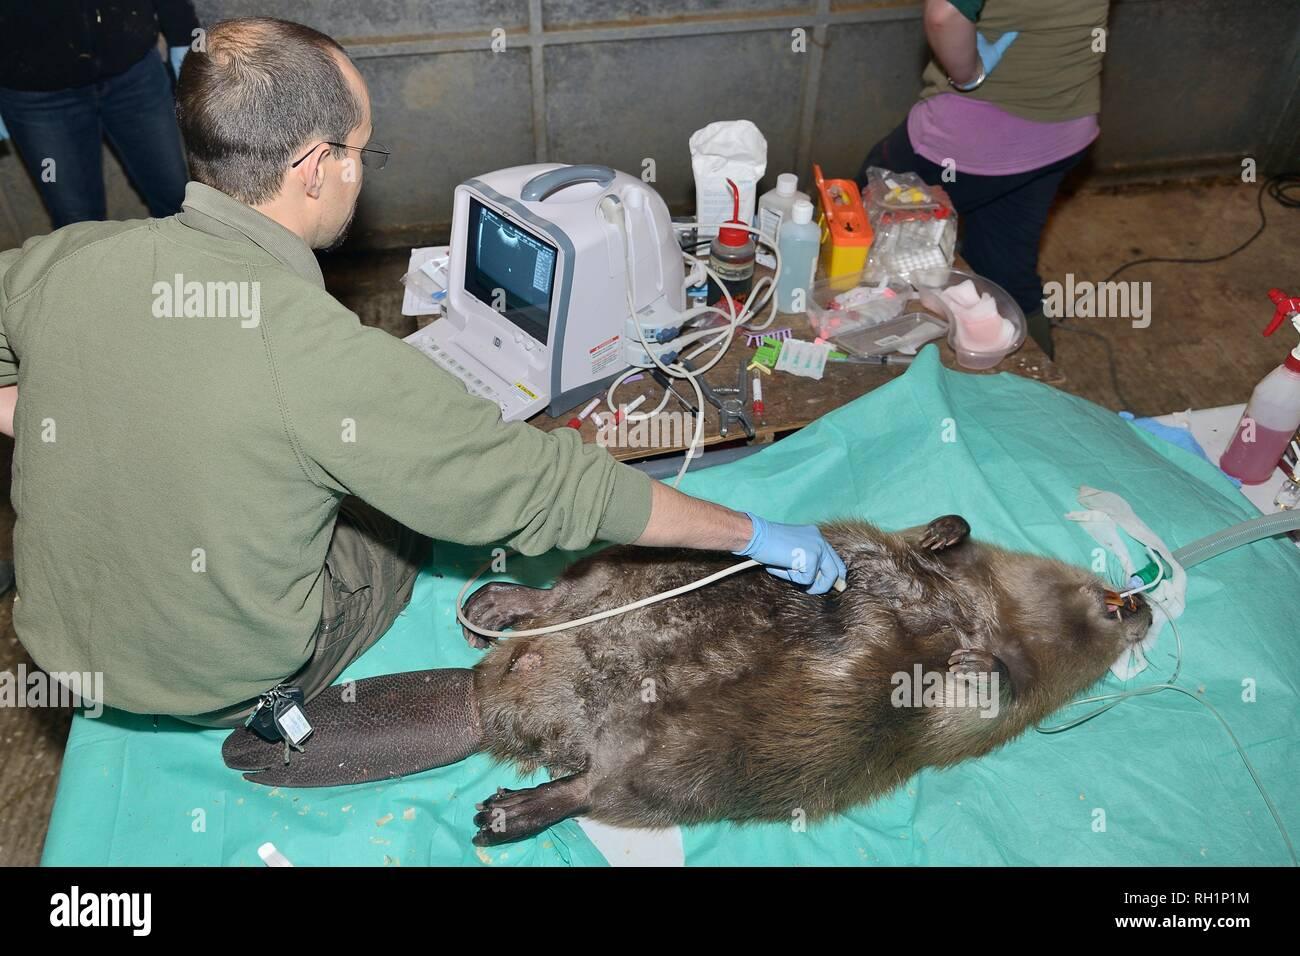 Veterinarian using an ultrasound scanner to look for developing foetuses in an anaesthetised female Eurasian Beaver (Castor fiber) caught in Devon, UK - Stock Image